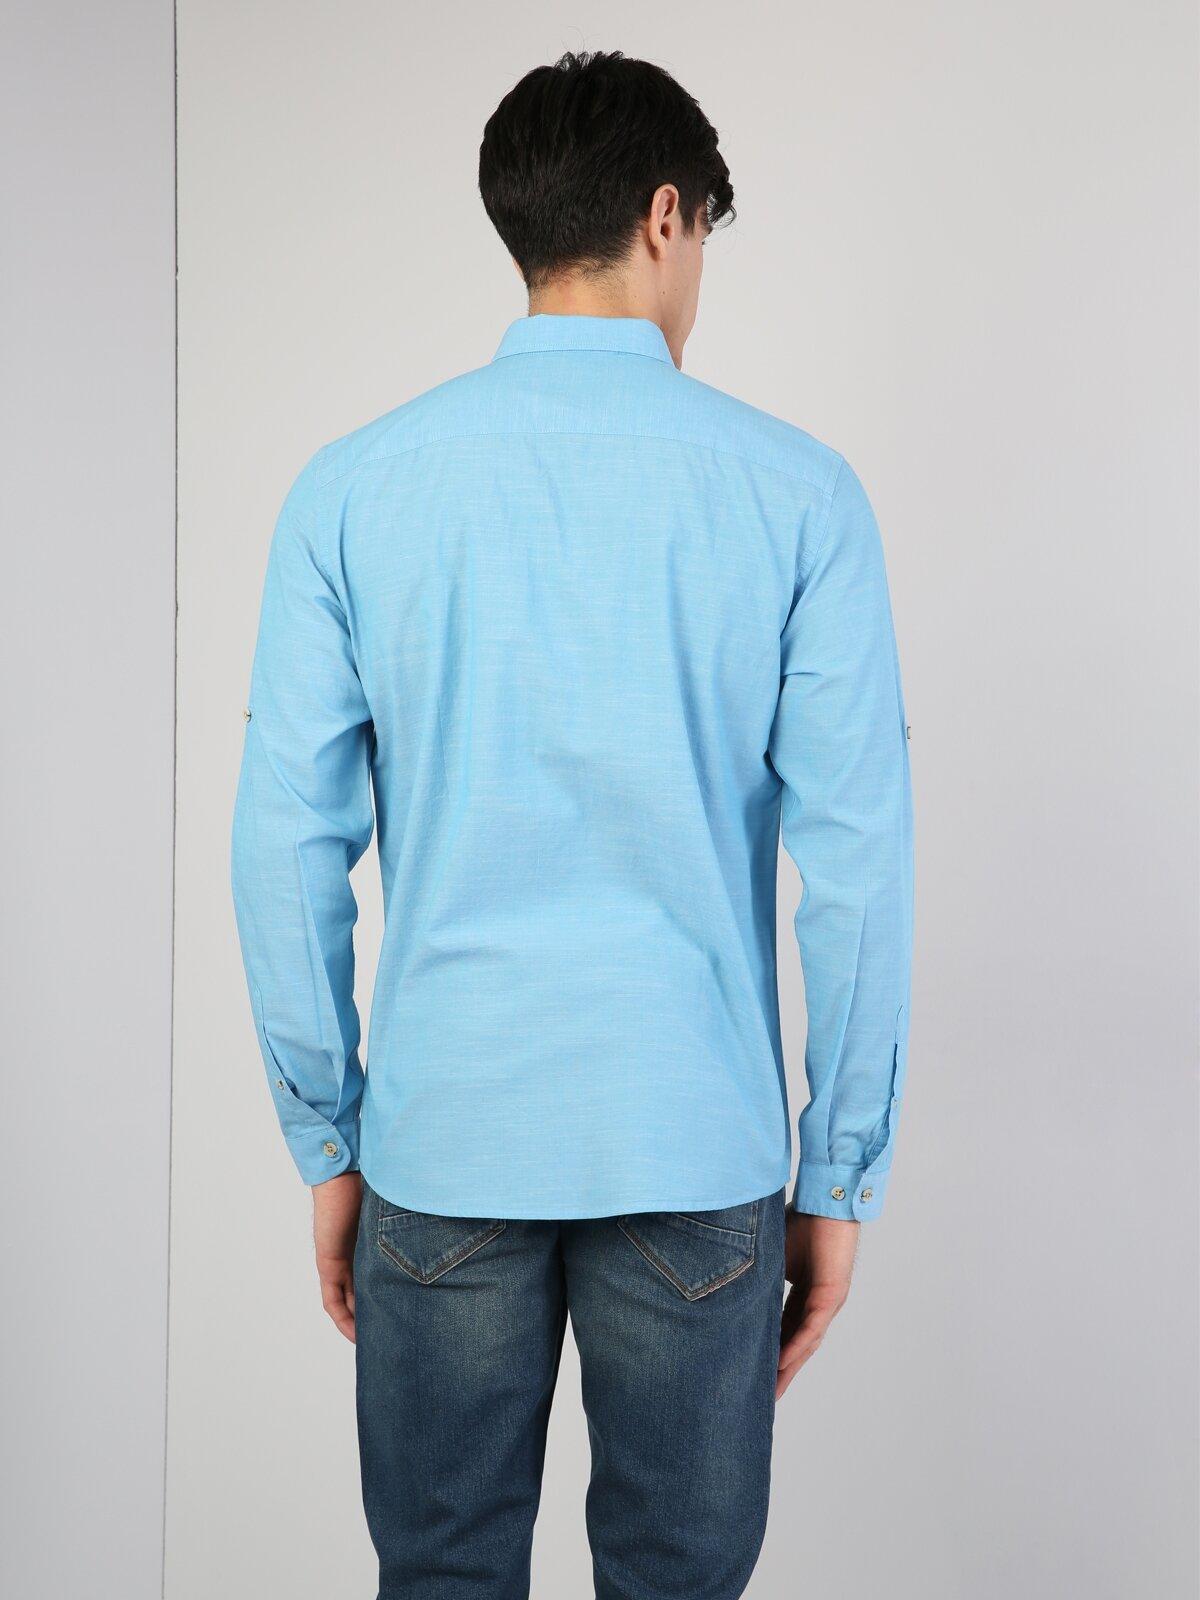 Turkuaz Uzun Kol Gömlek